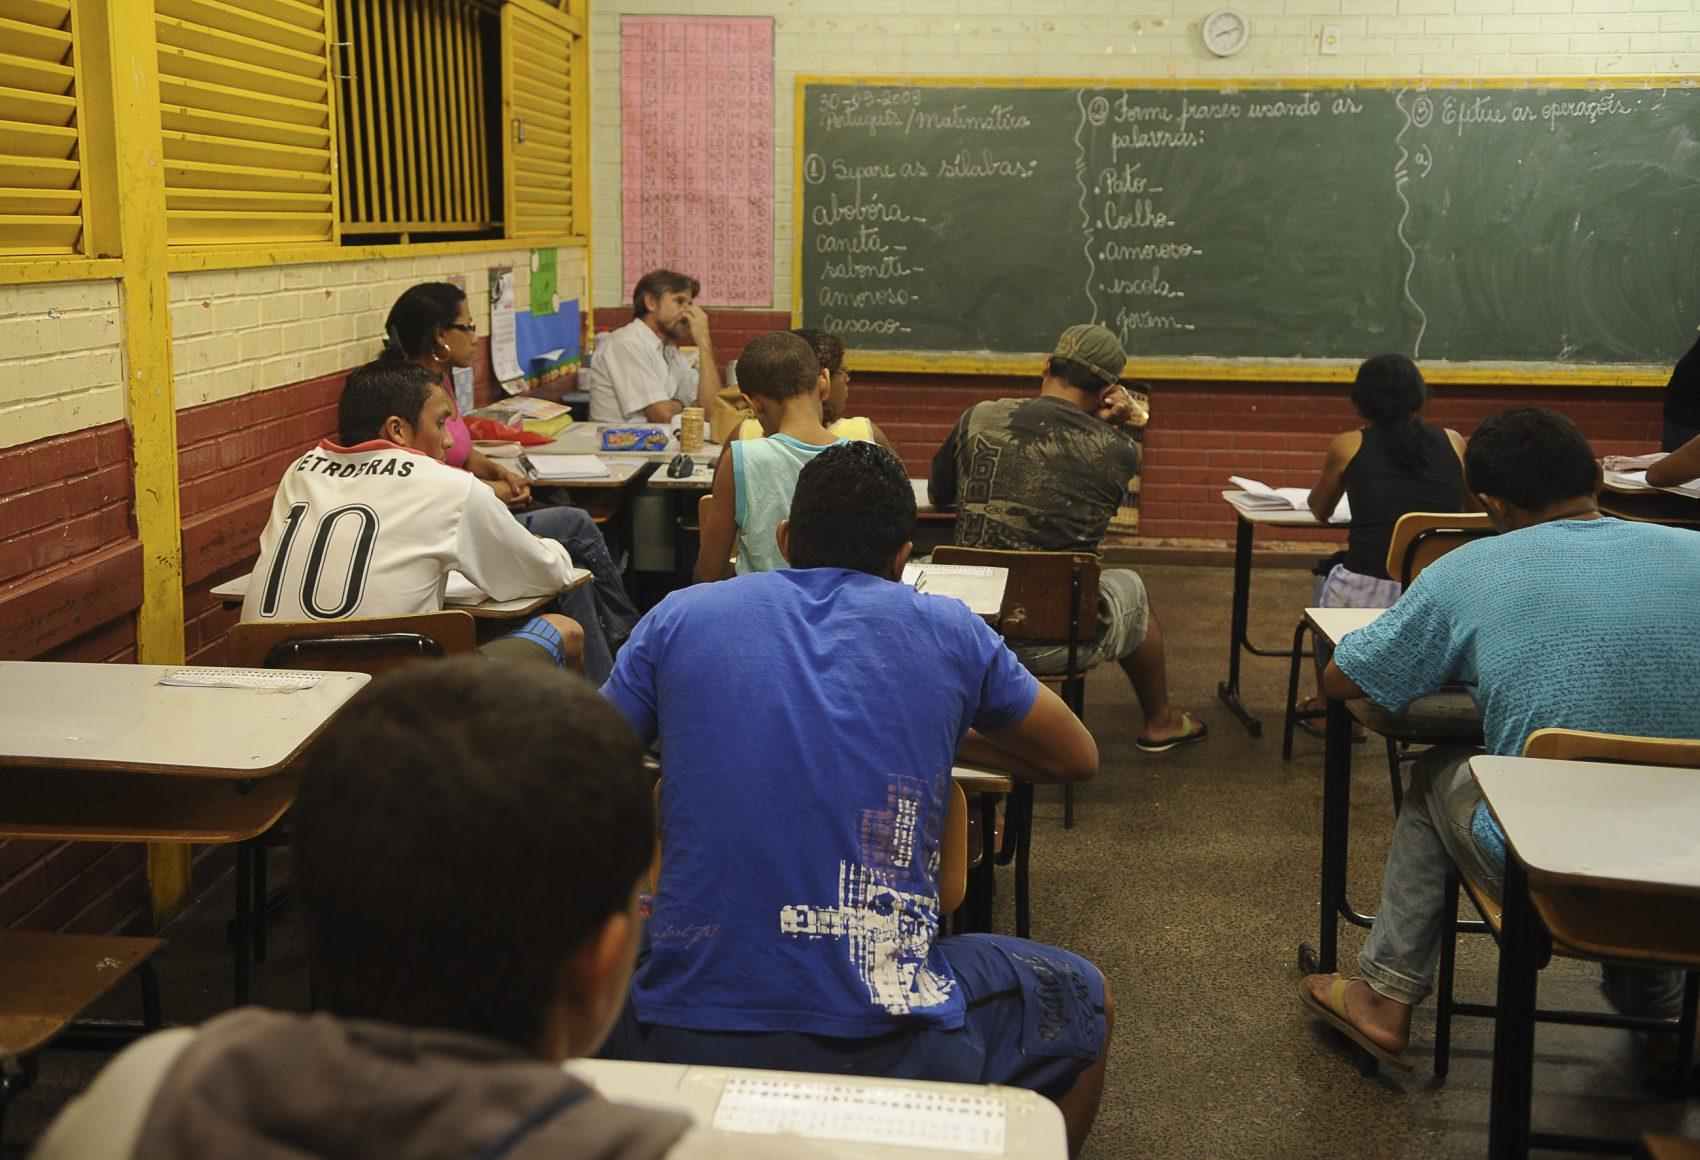 11,8% dos jovens com menores rendimentos abandonaram a escola sem concluir a educação básica em 2018